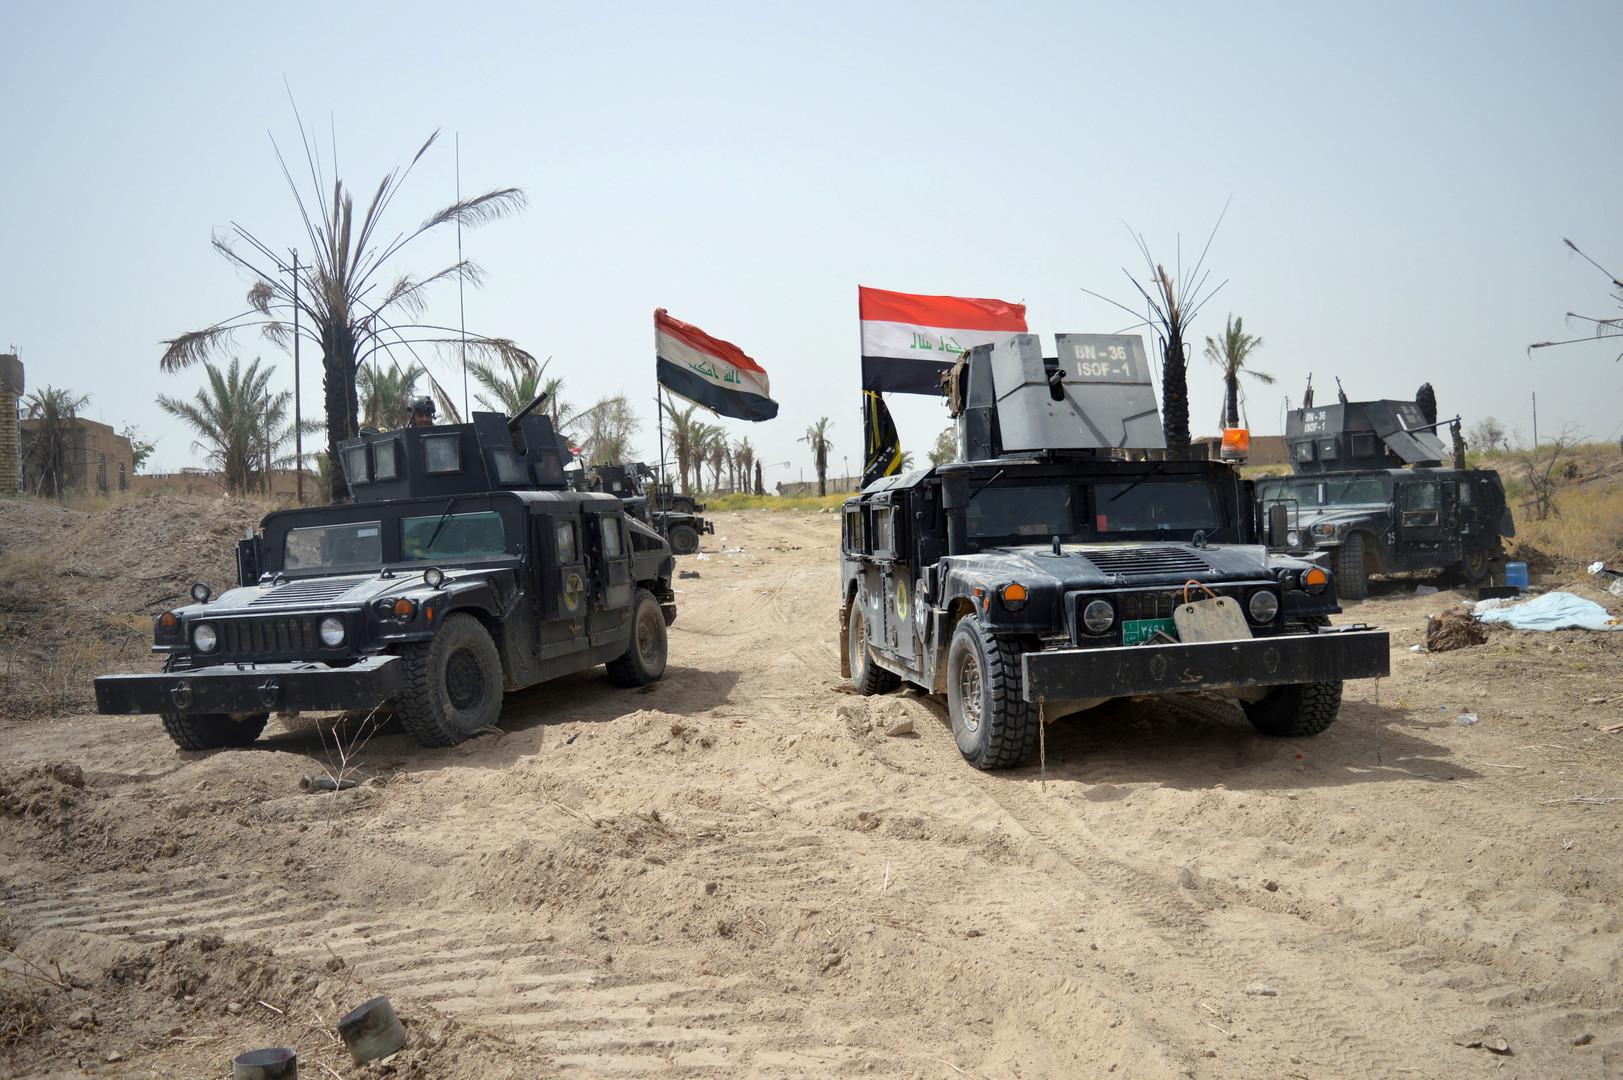 Irak: des civils qui fuient Falloujah visés par des tirs de l'Etat islamique, acculé (PHOTOS)